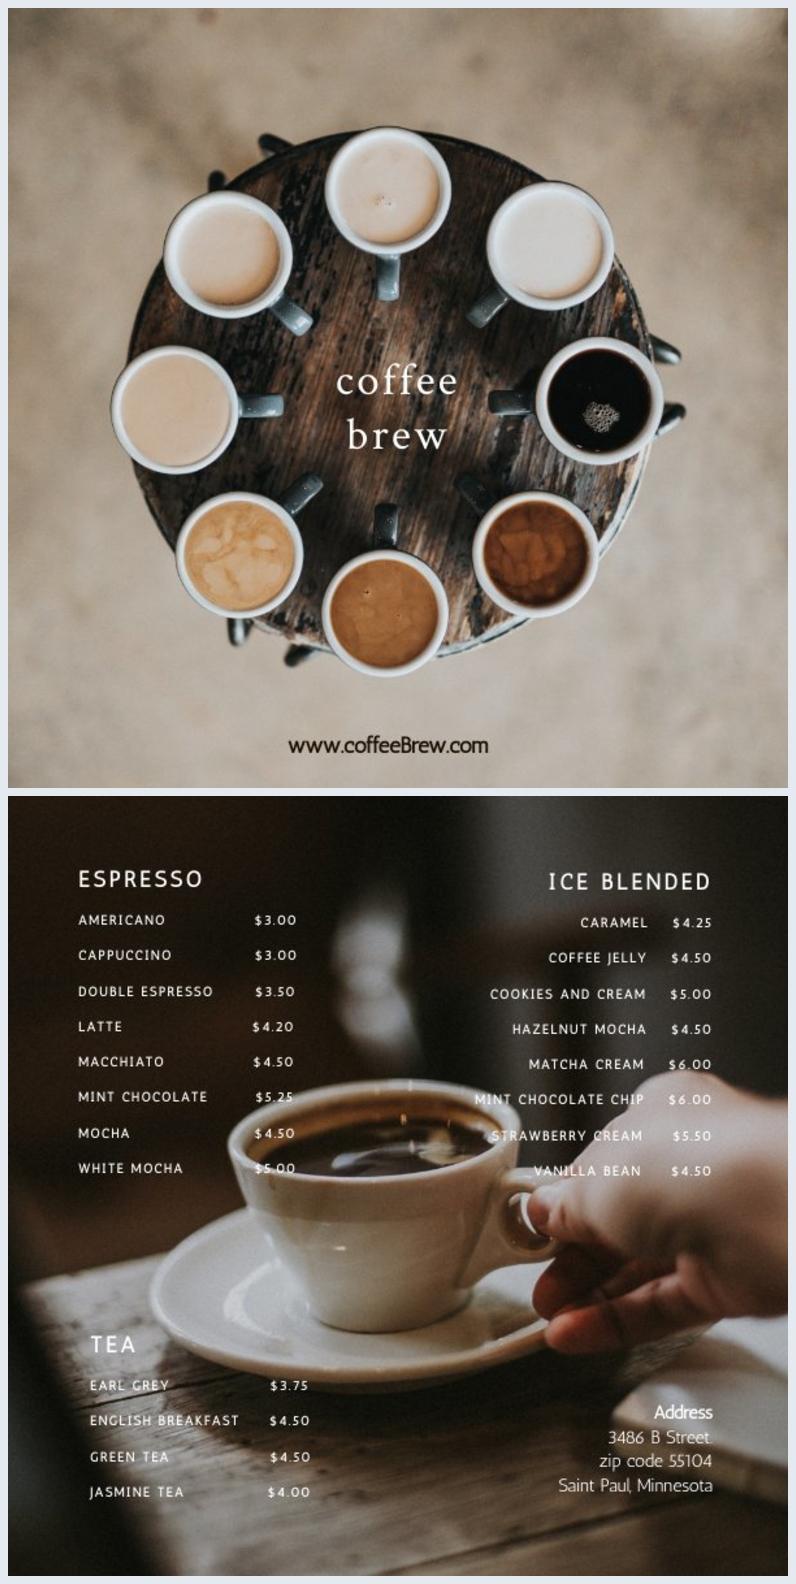 Plantilla para menú de cafetería